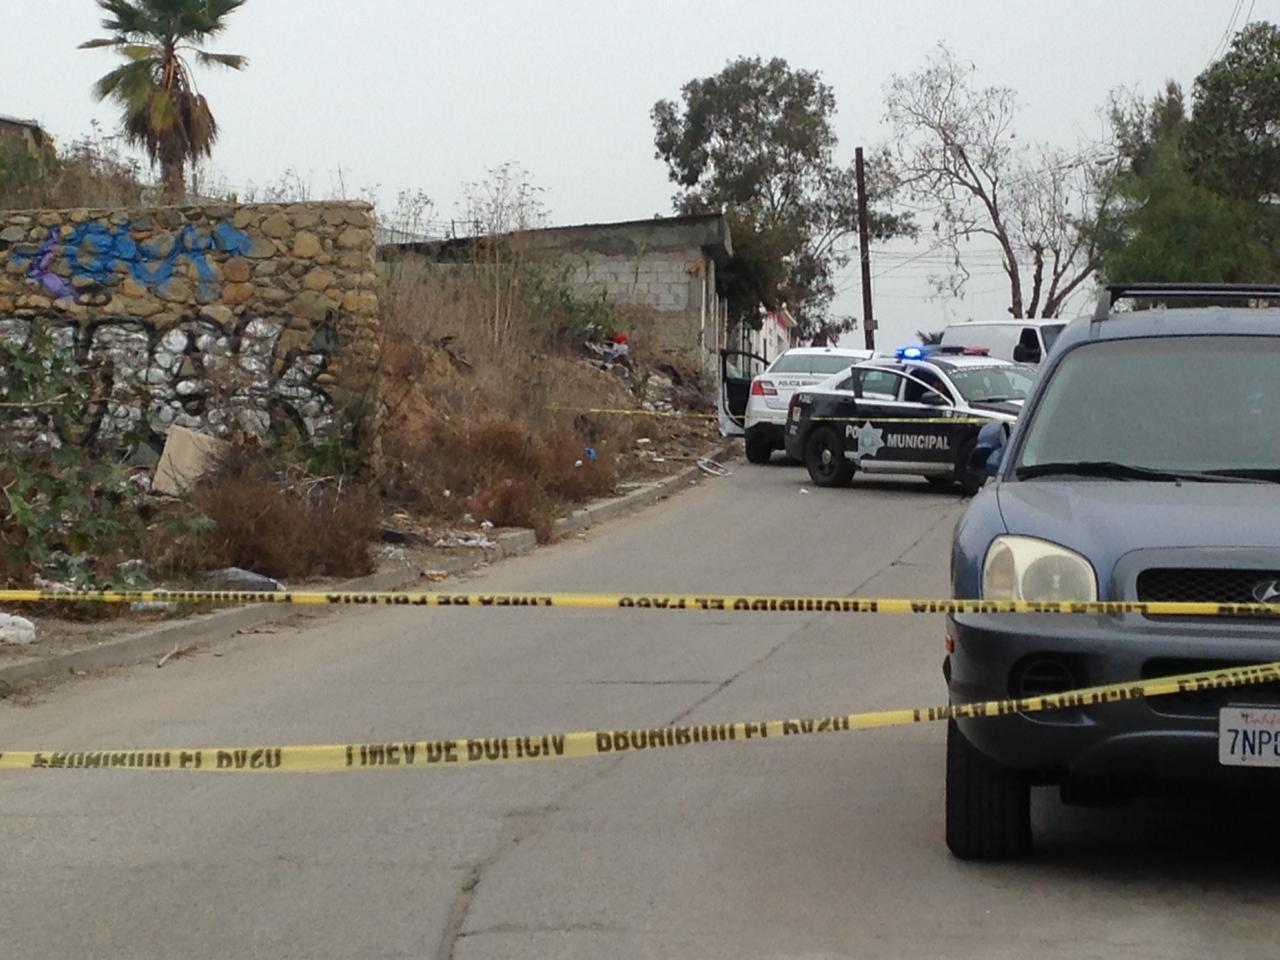 Reportan 13 muertos más en Tijuana; seis de ellos en la Delegación La Presa